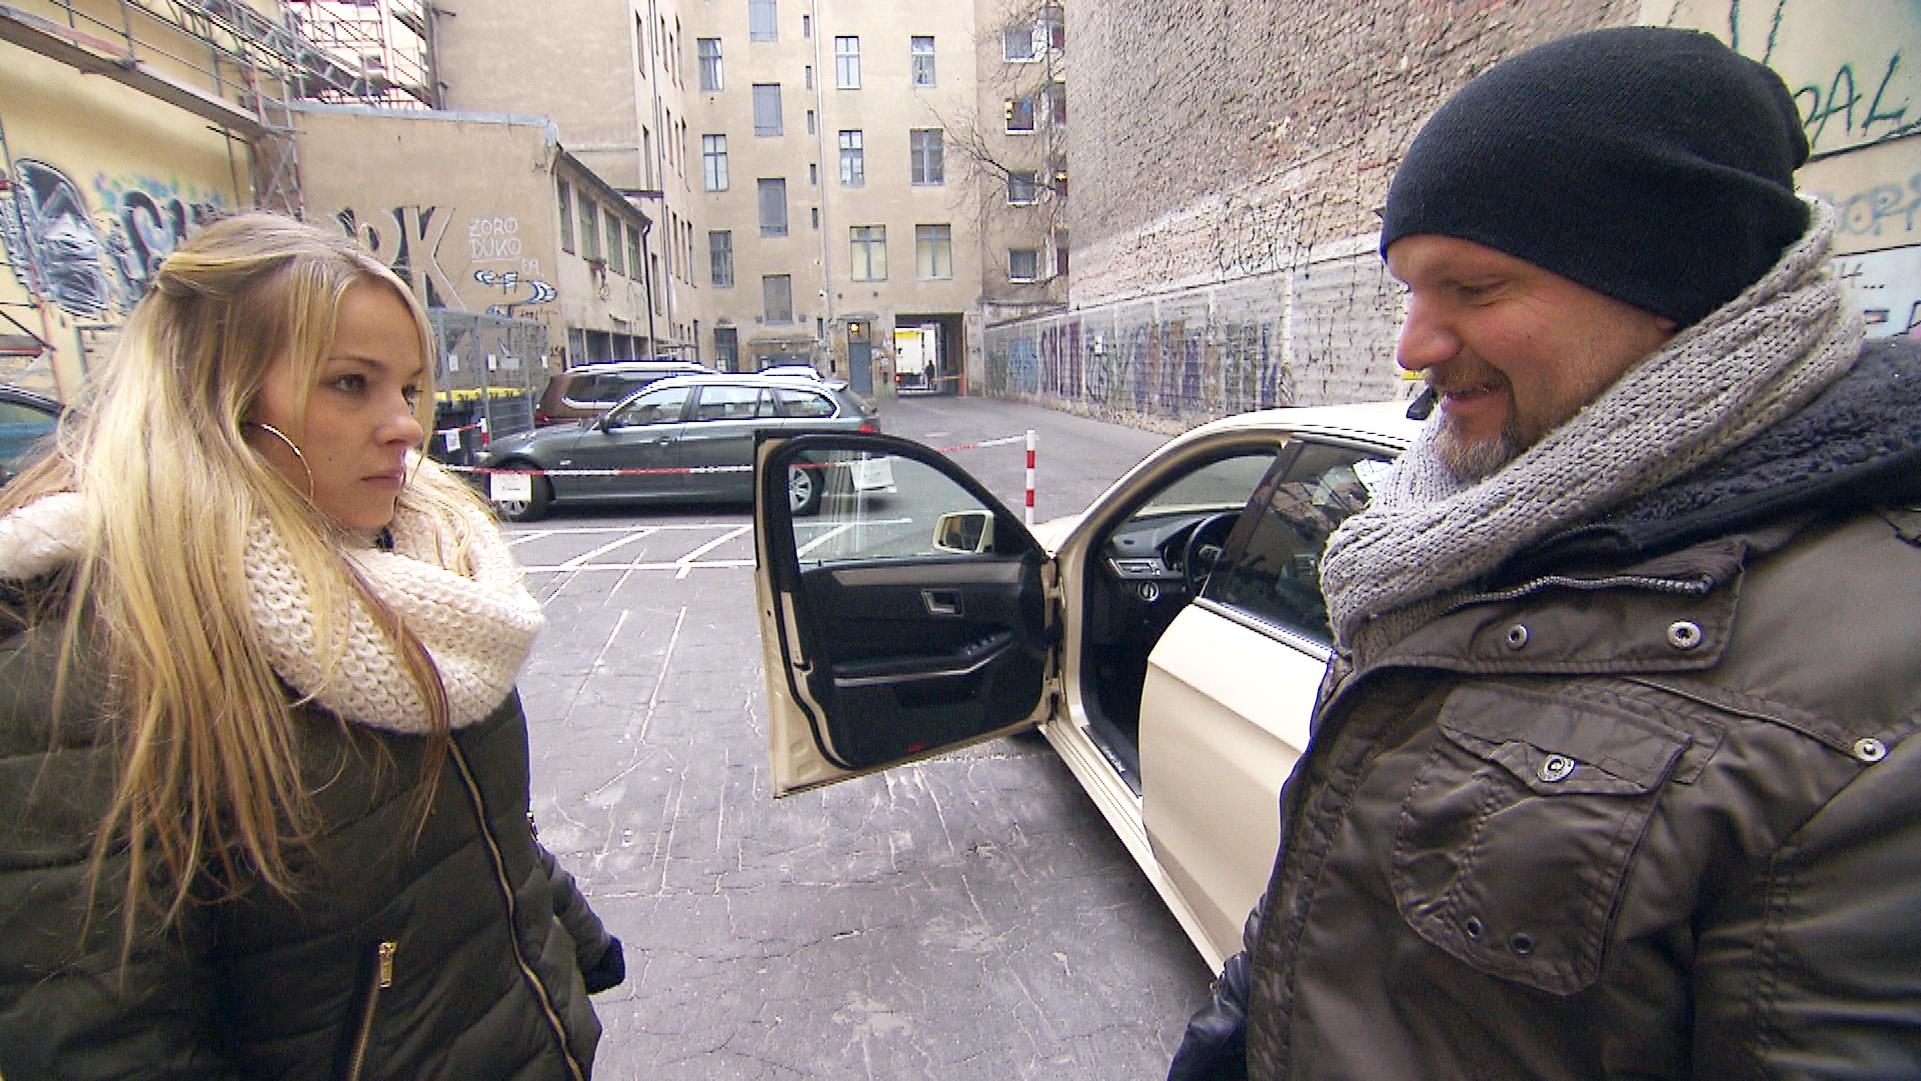 Als Joe nach einer durchfeierten Nacht mit Ole die attraktive Taxifahrerin Doro trifft, ist er hin und weg... (Quelle: RTL 2)